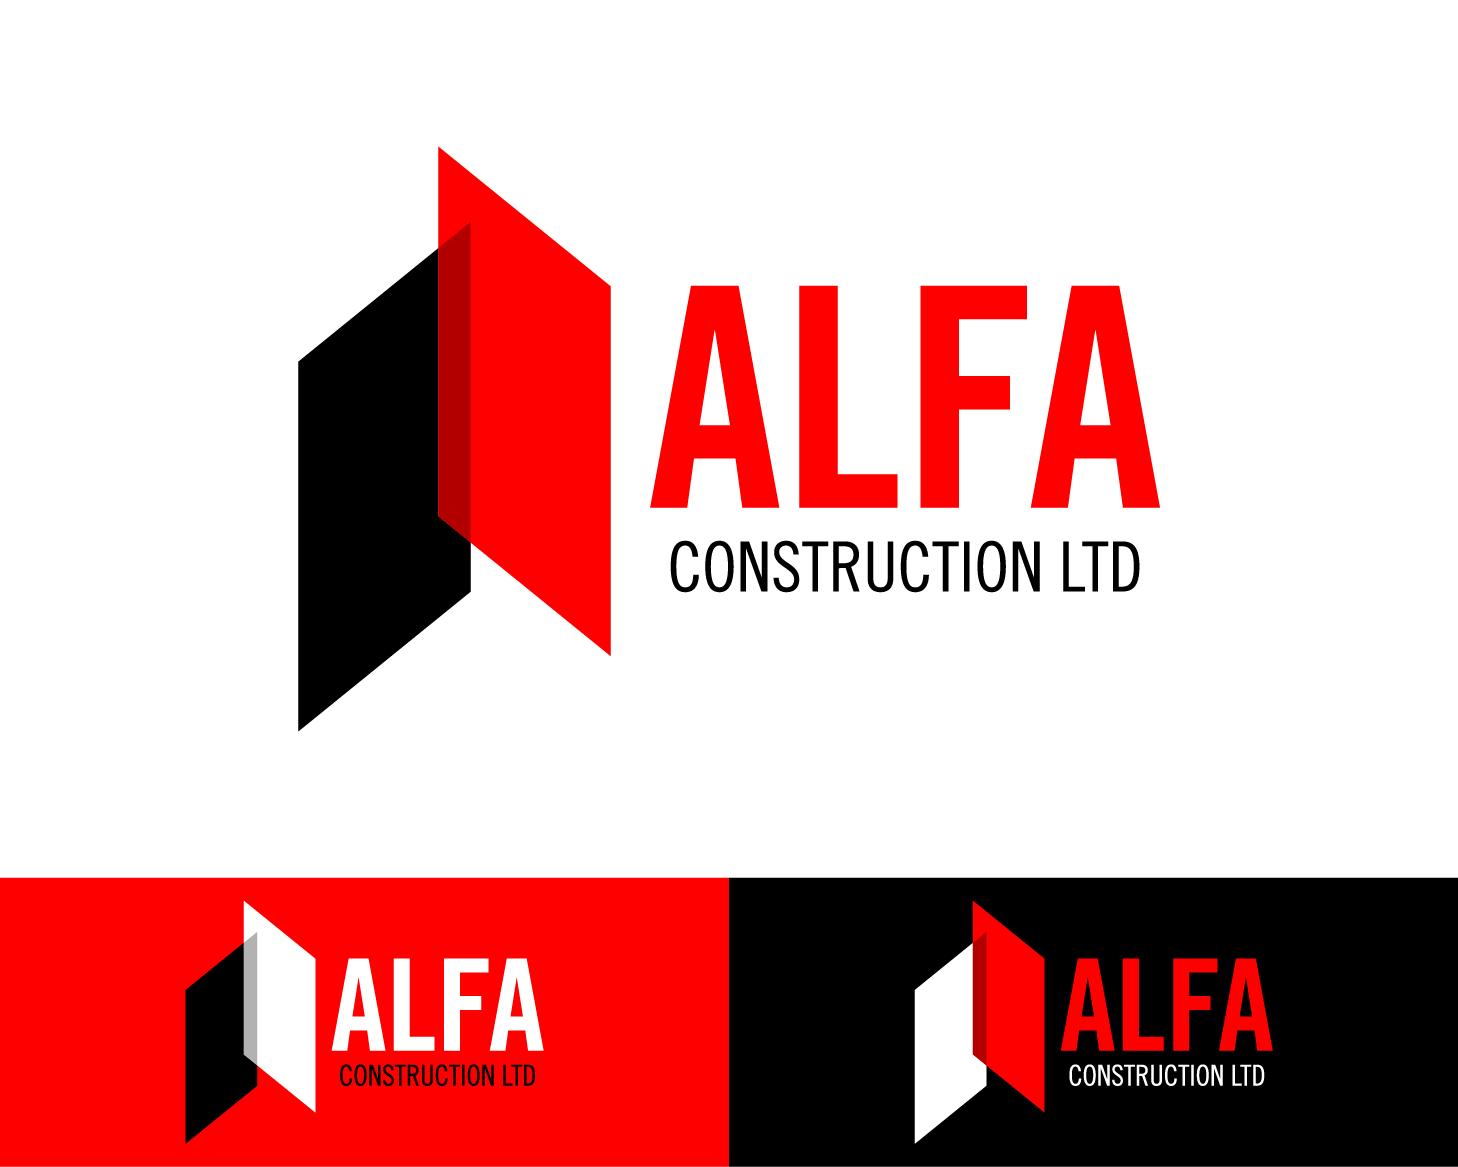 Logo Design by serroteca - Entry No. 40 in the Logo Design Contest Fun Logo Design for Alfa Construction Ltd.